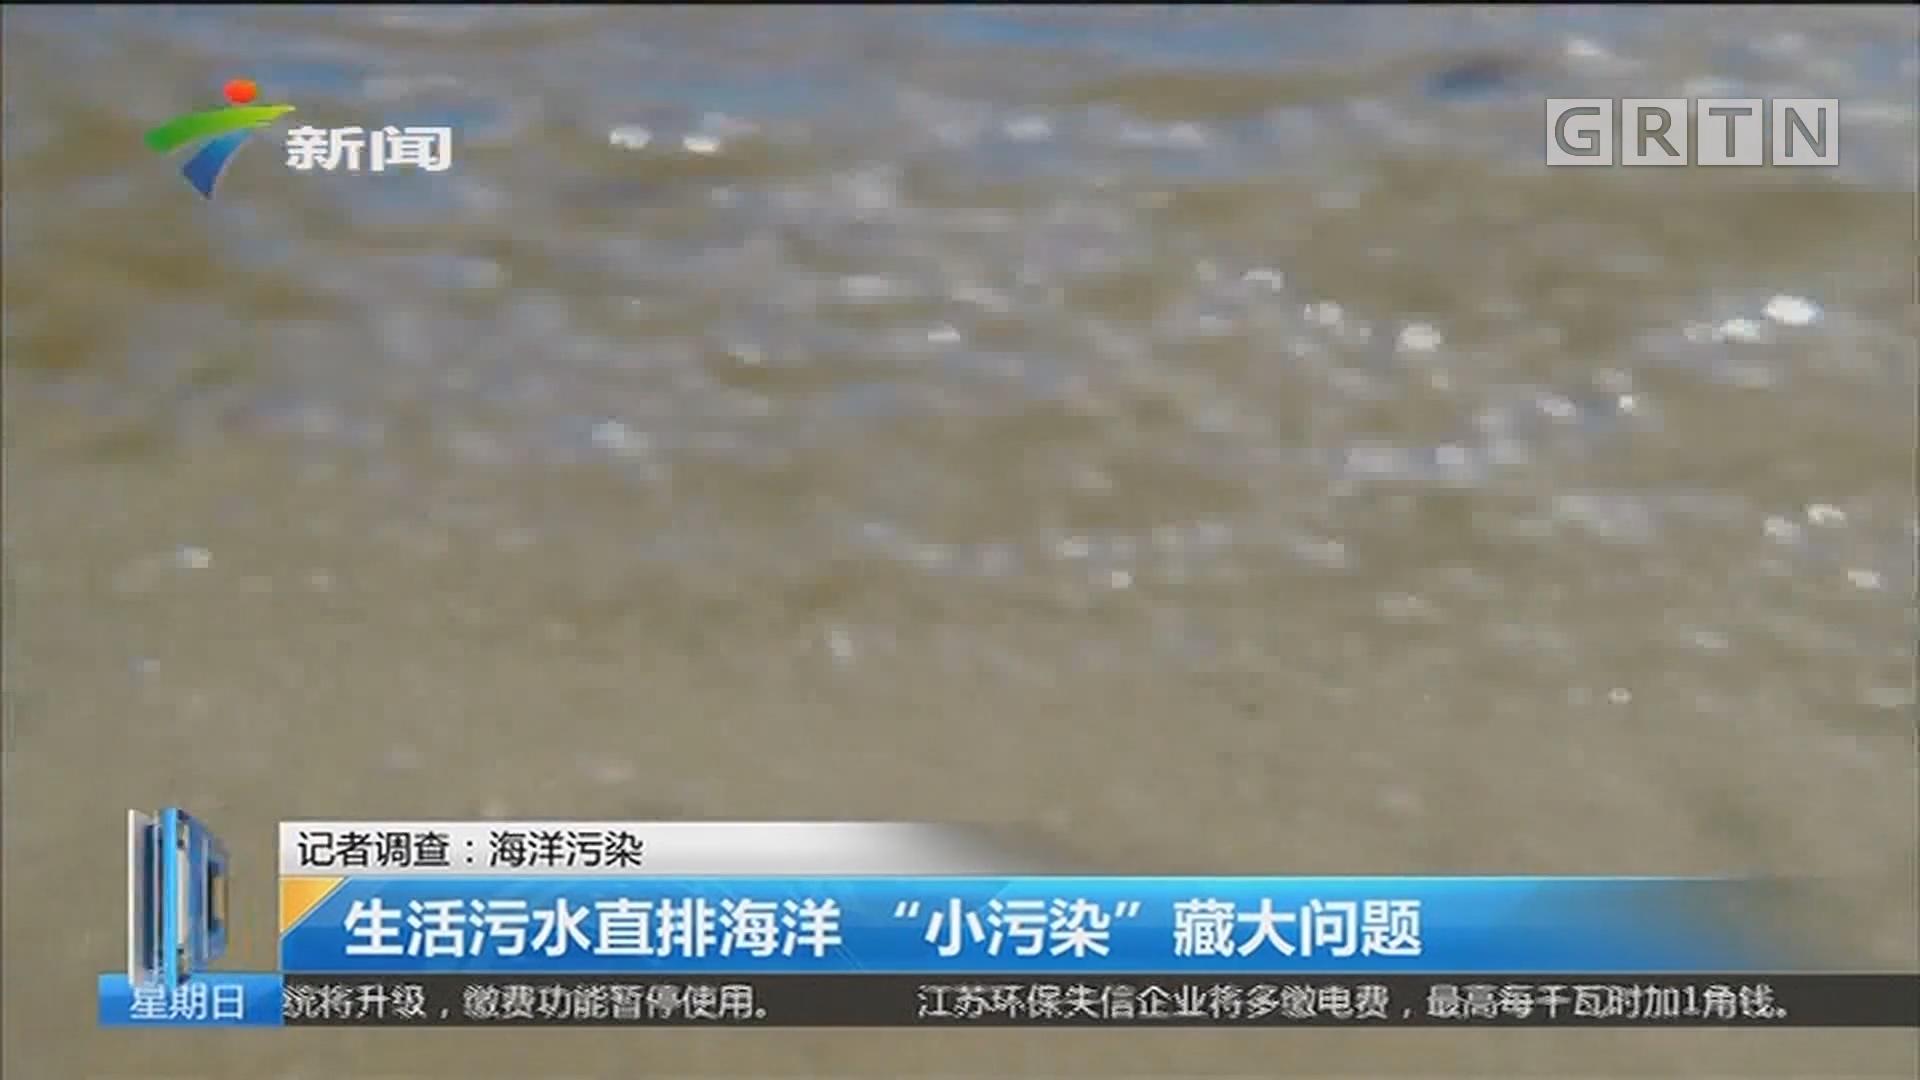 """记者调查:海洋污染 生活污水直排海洋 """"小污染""""藏大问题"""